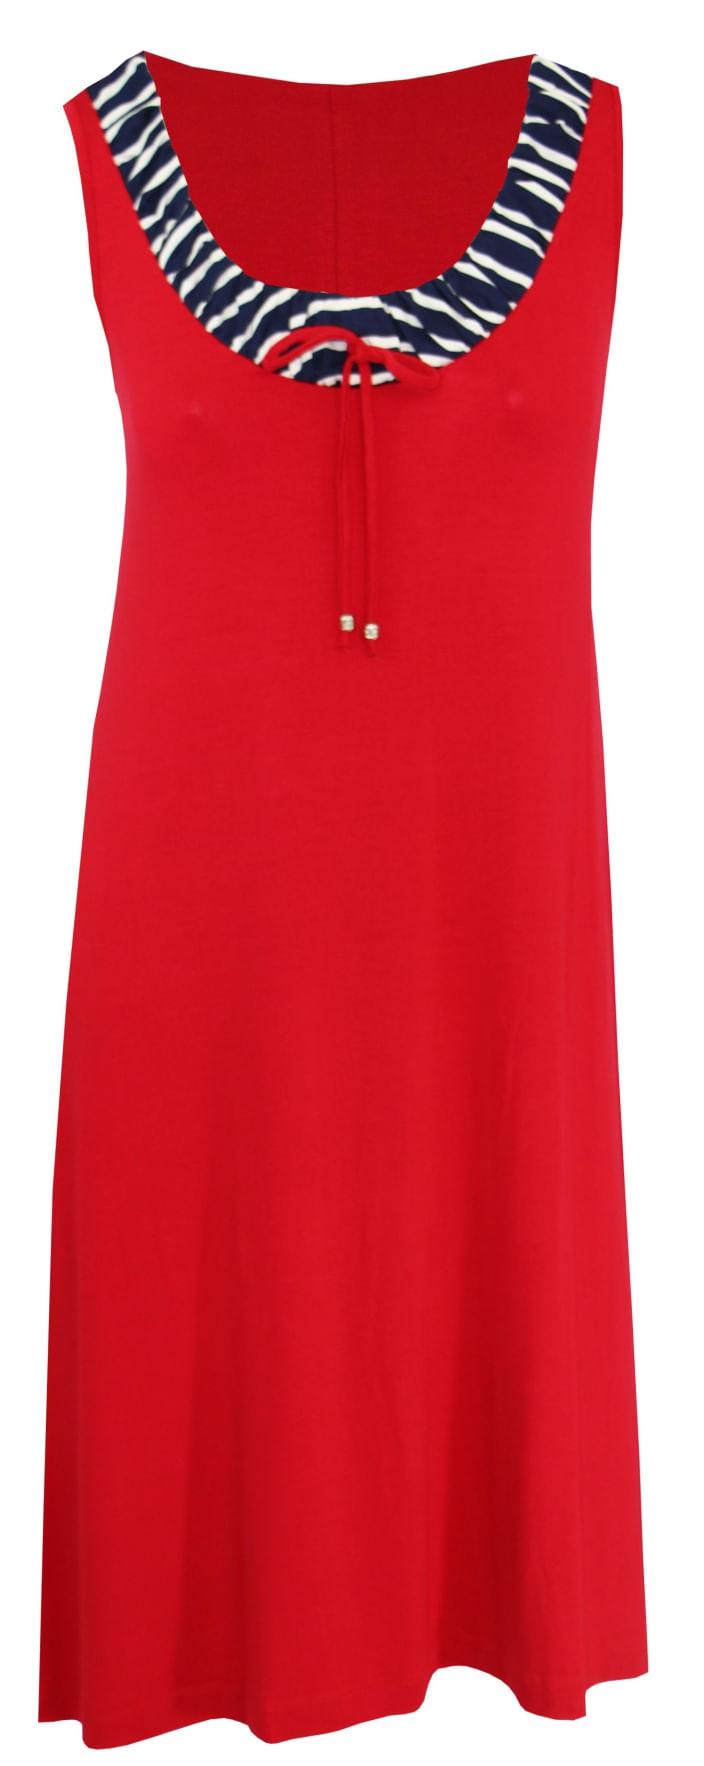 Vestido Pau a Pique franzido Vermelho VERMELHO - XL